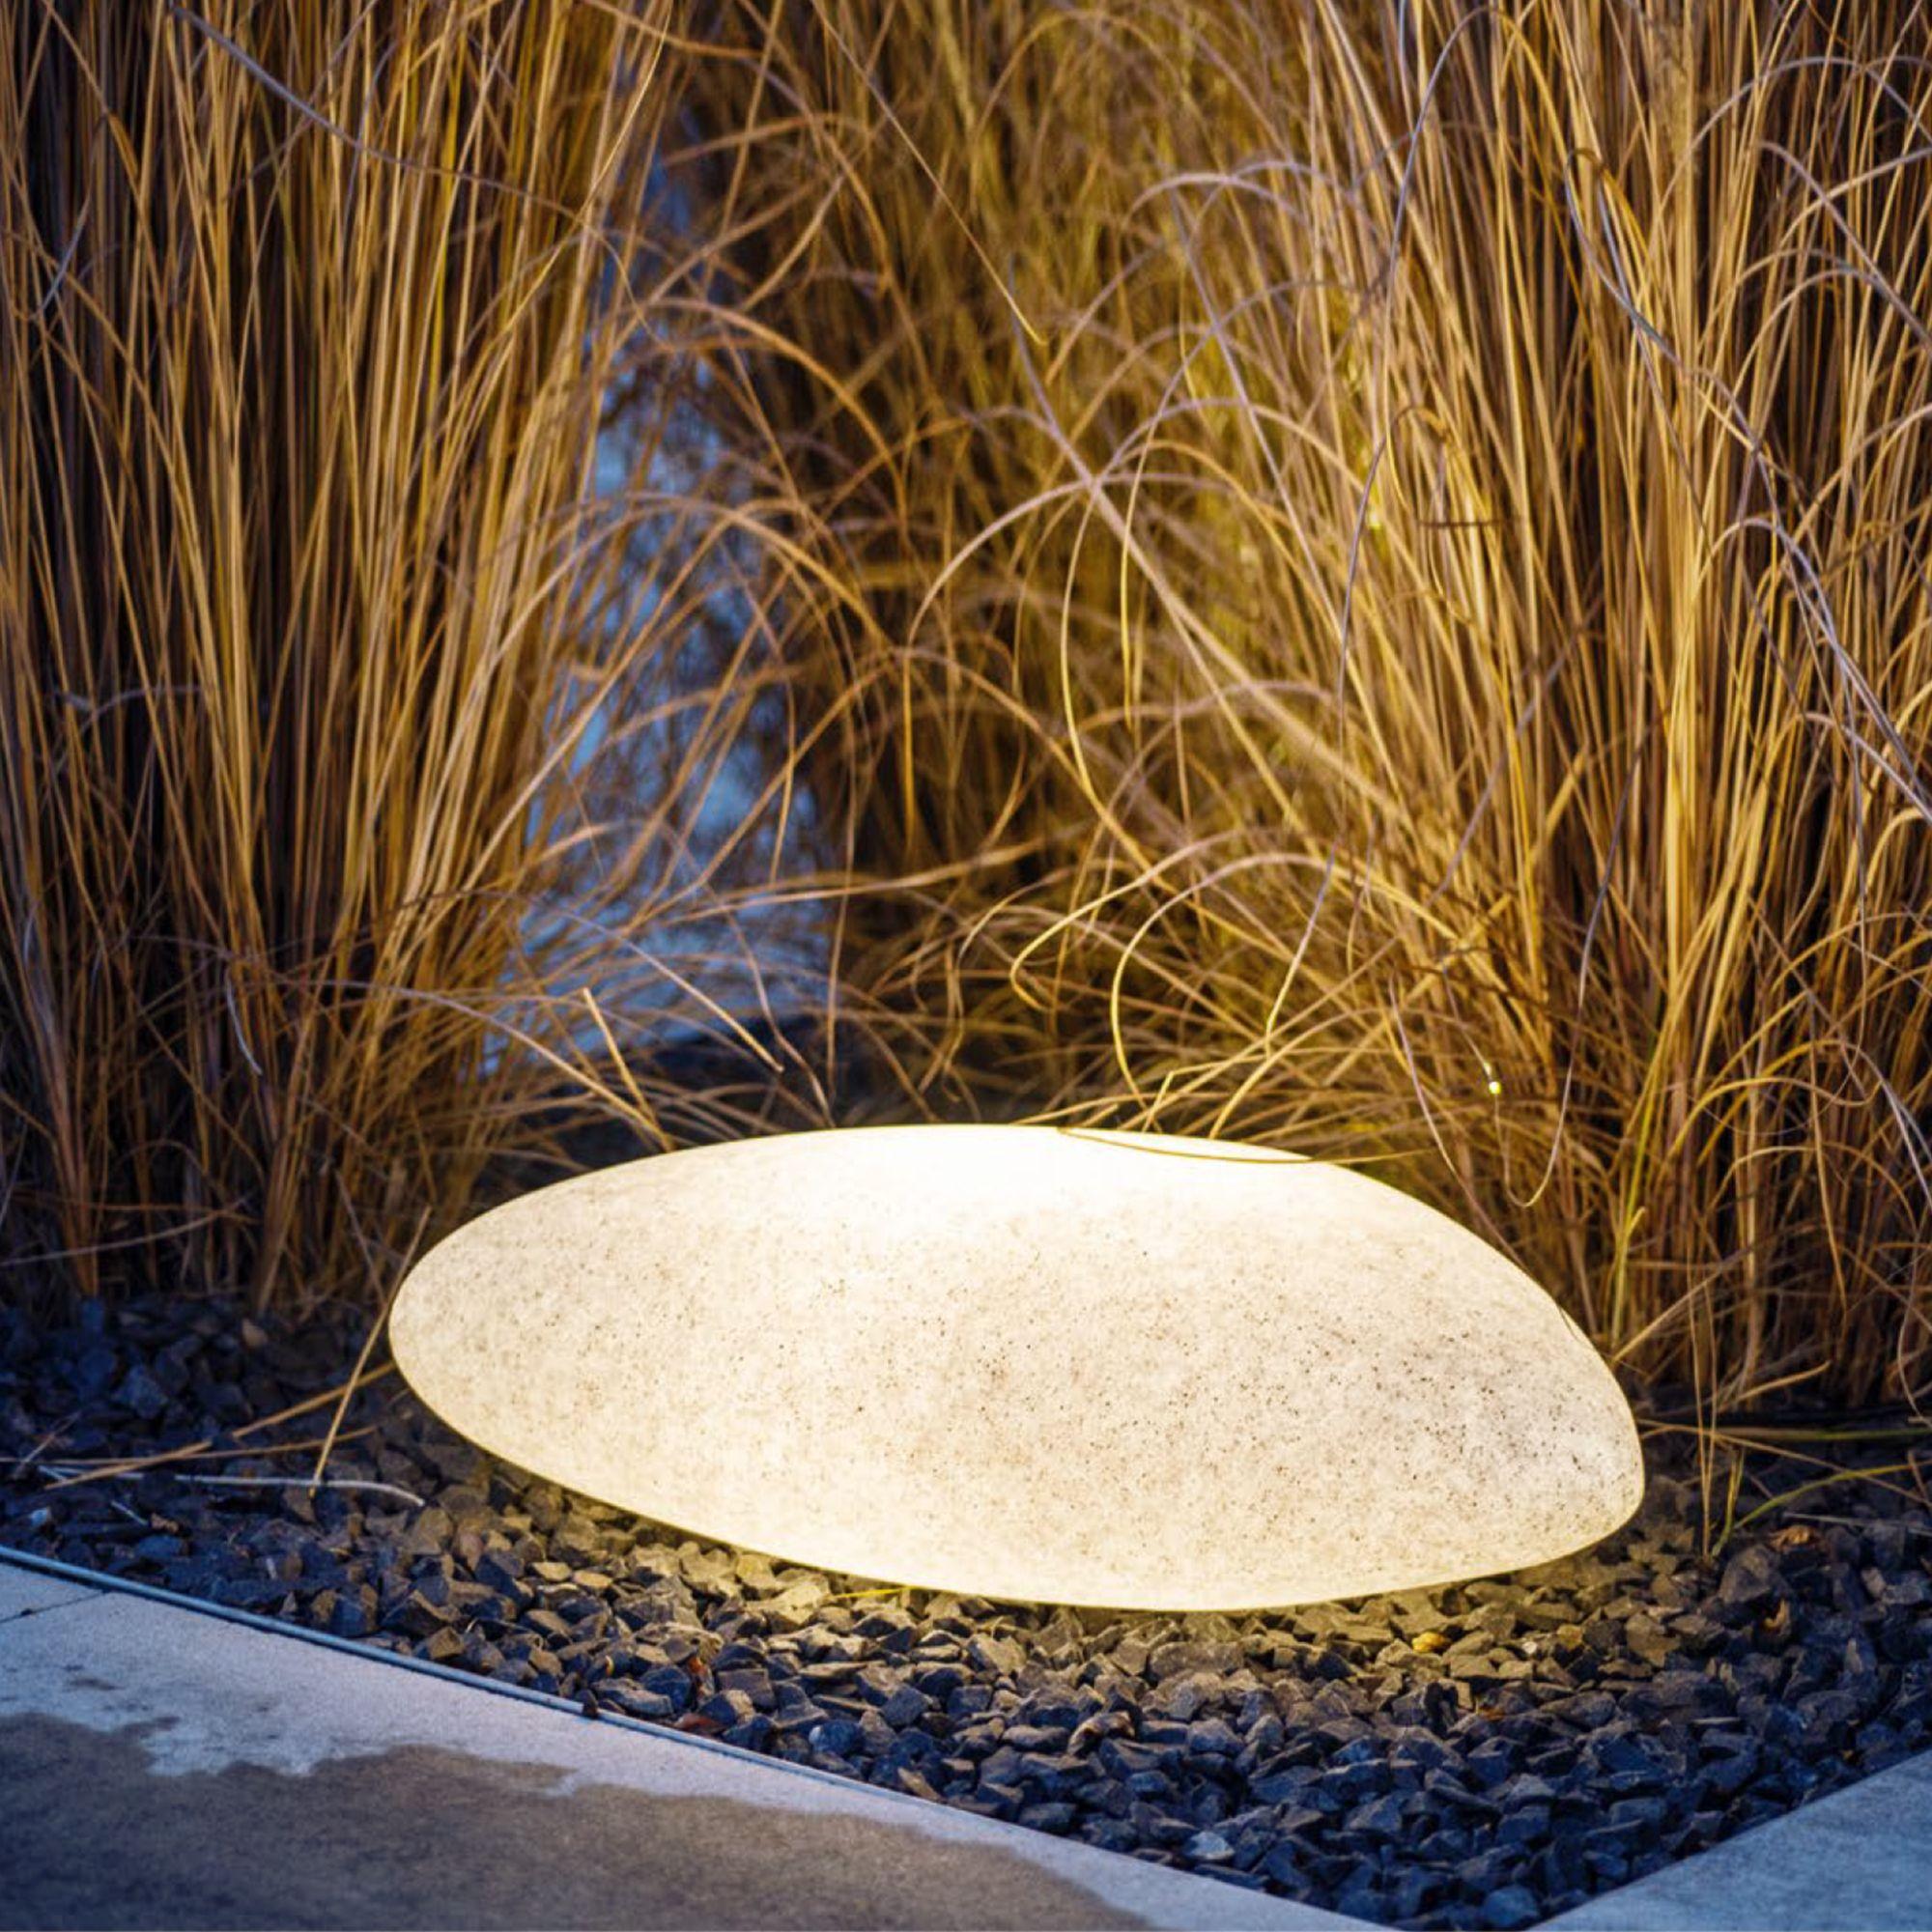 Gartenleuchte Stono In Steinform Inkl 2x Led E27 4 5w Deko Steinleuchte Ip65 Granit Optik Beleuchtung Garten Aussenbeleuchtung Led Gartenbeleuchtung